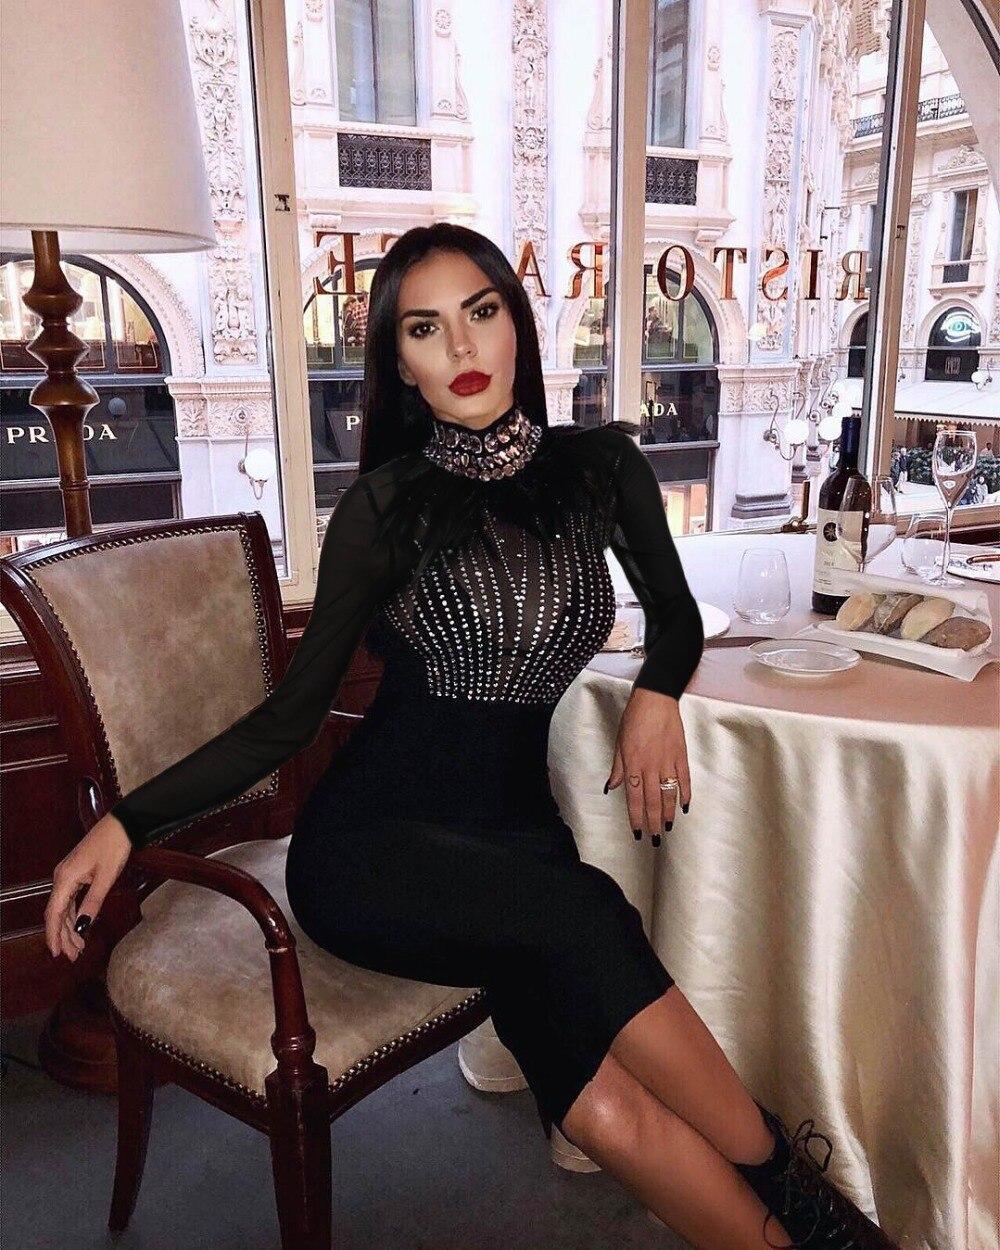 Cocktail Club Noir Robe D'hiver Perles Manches Plumes Col Qualité À Top Sexy Celebrity Moulante Night Bandage Longues Roulé OwkP8n0